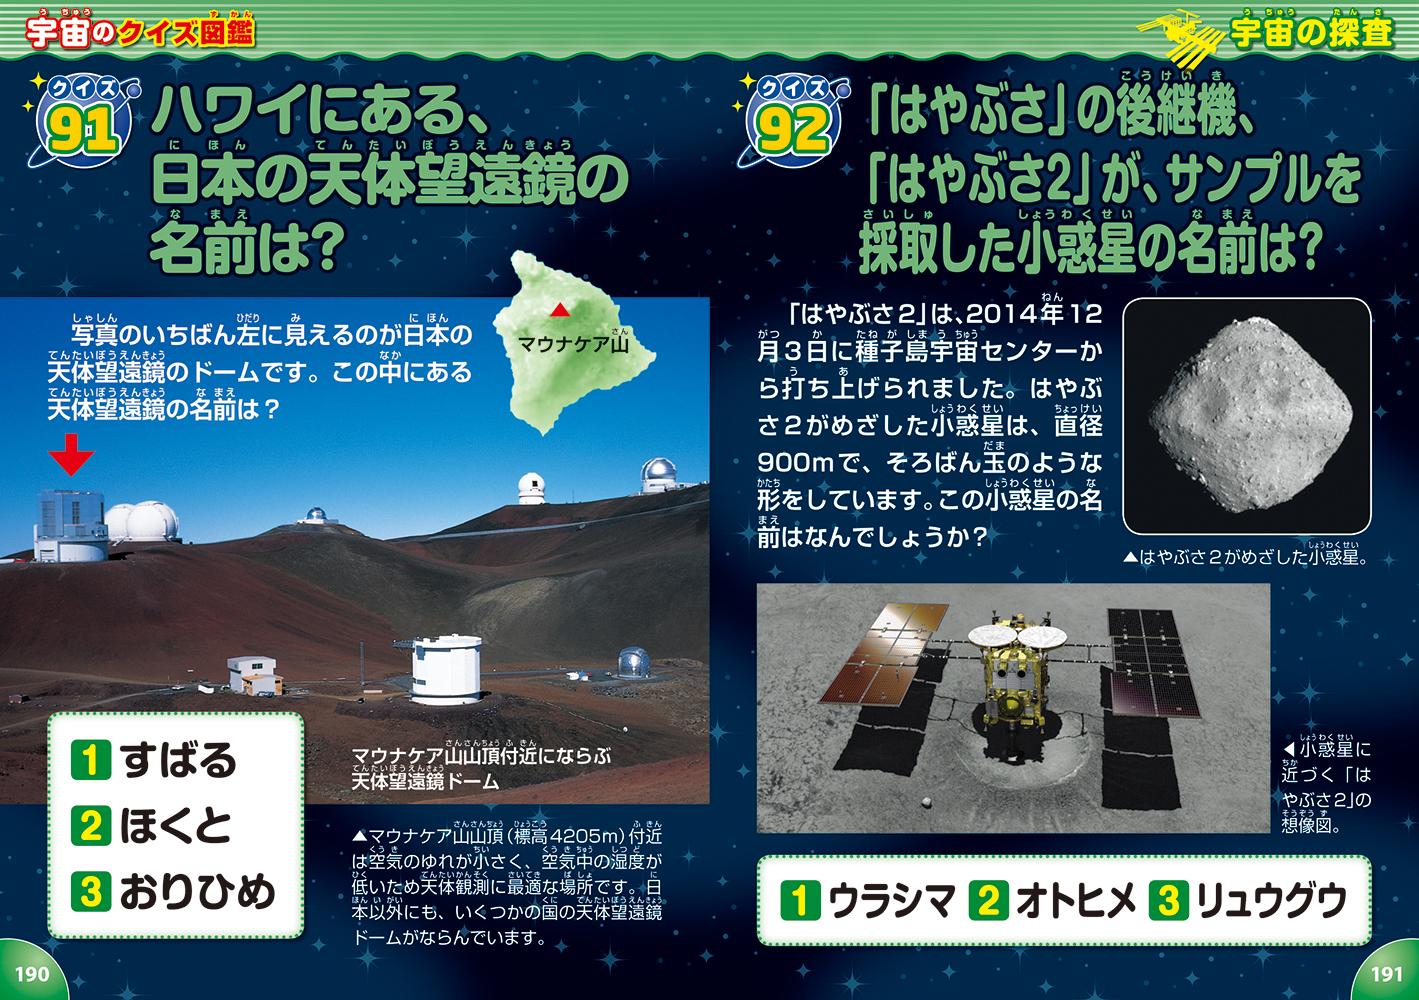 「世界の宇宙探査の歴史から日本のJAXAの活動も紹介します」紙面